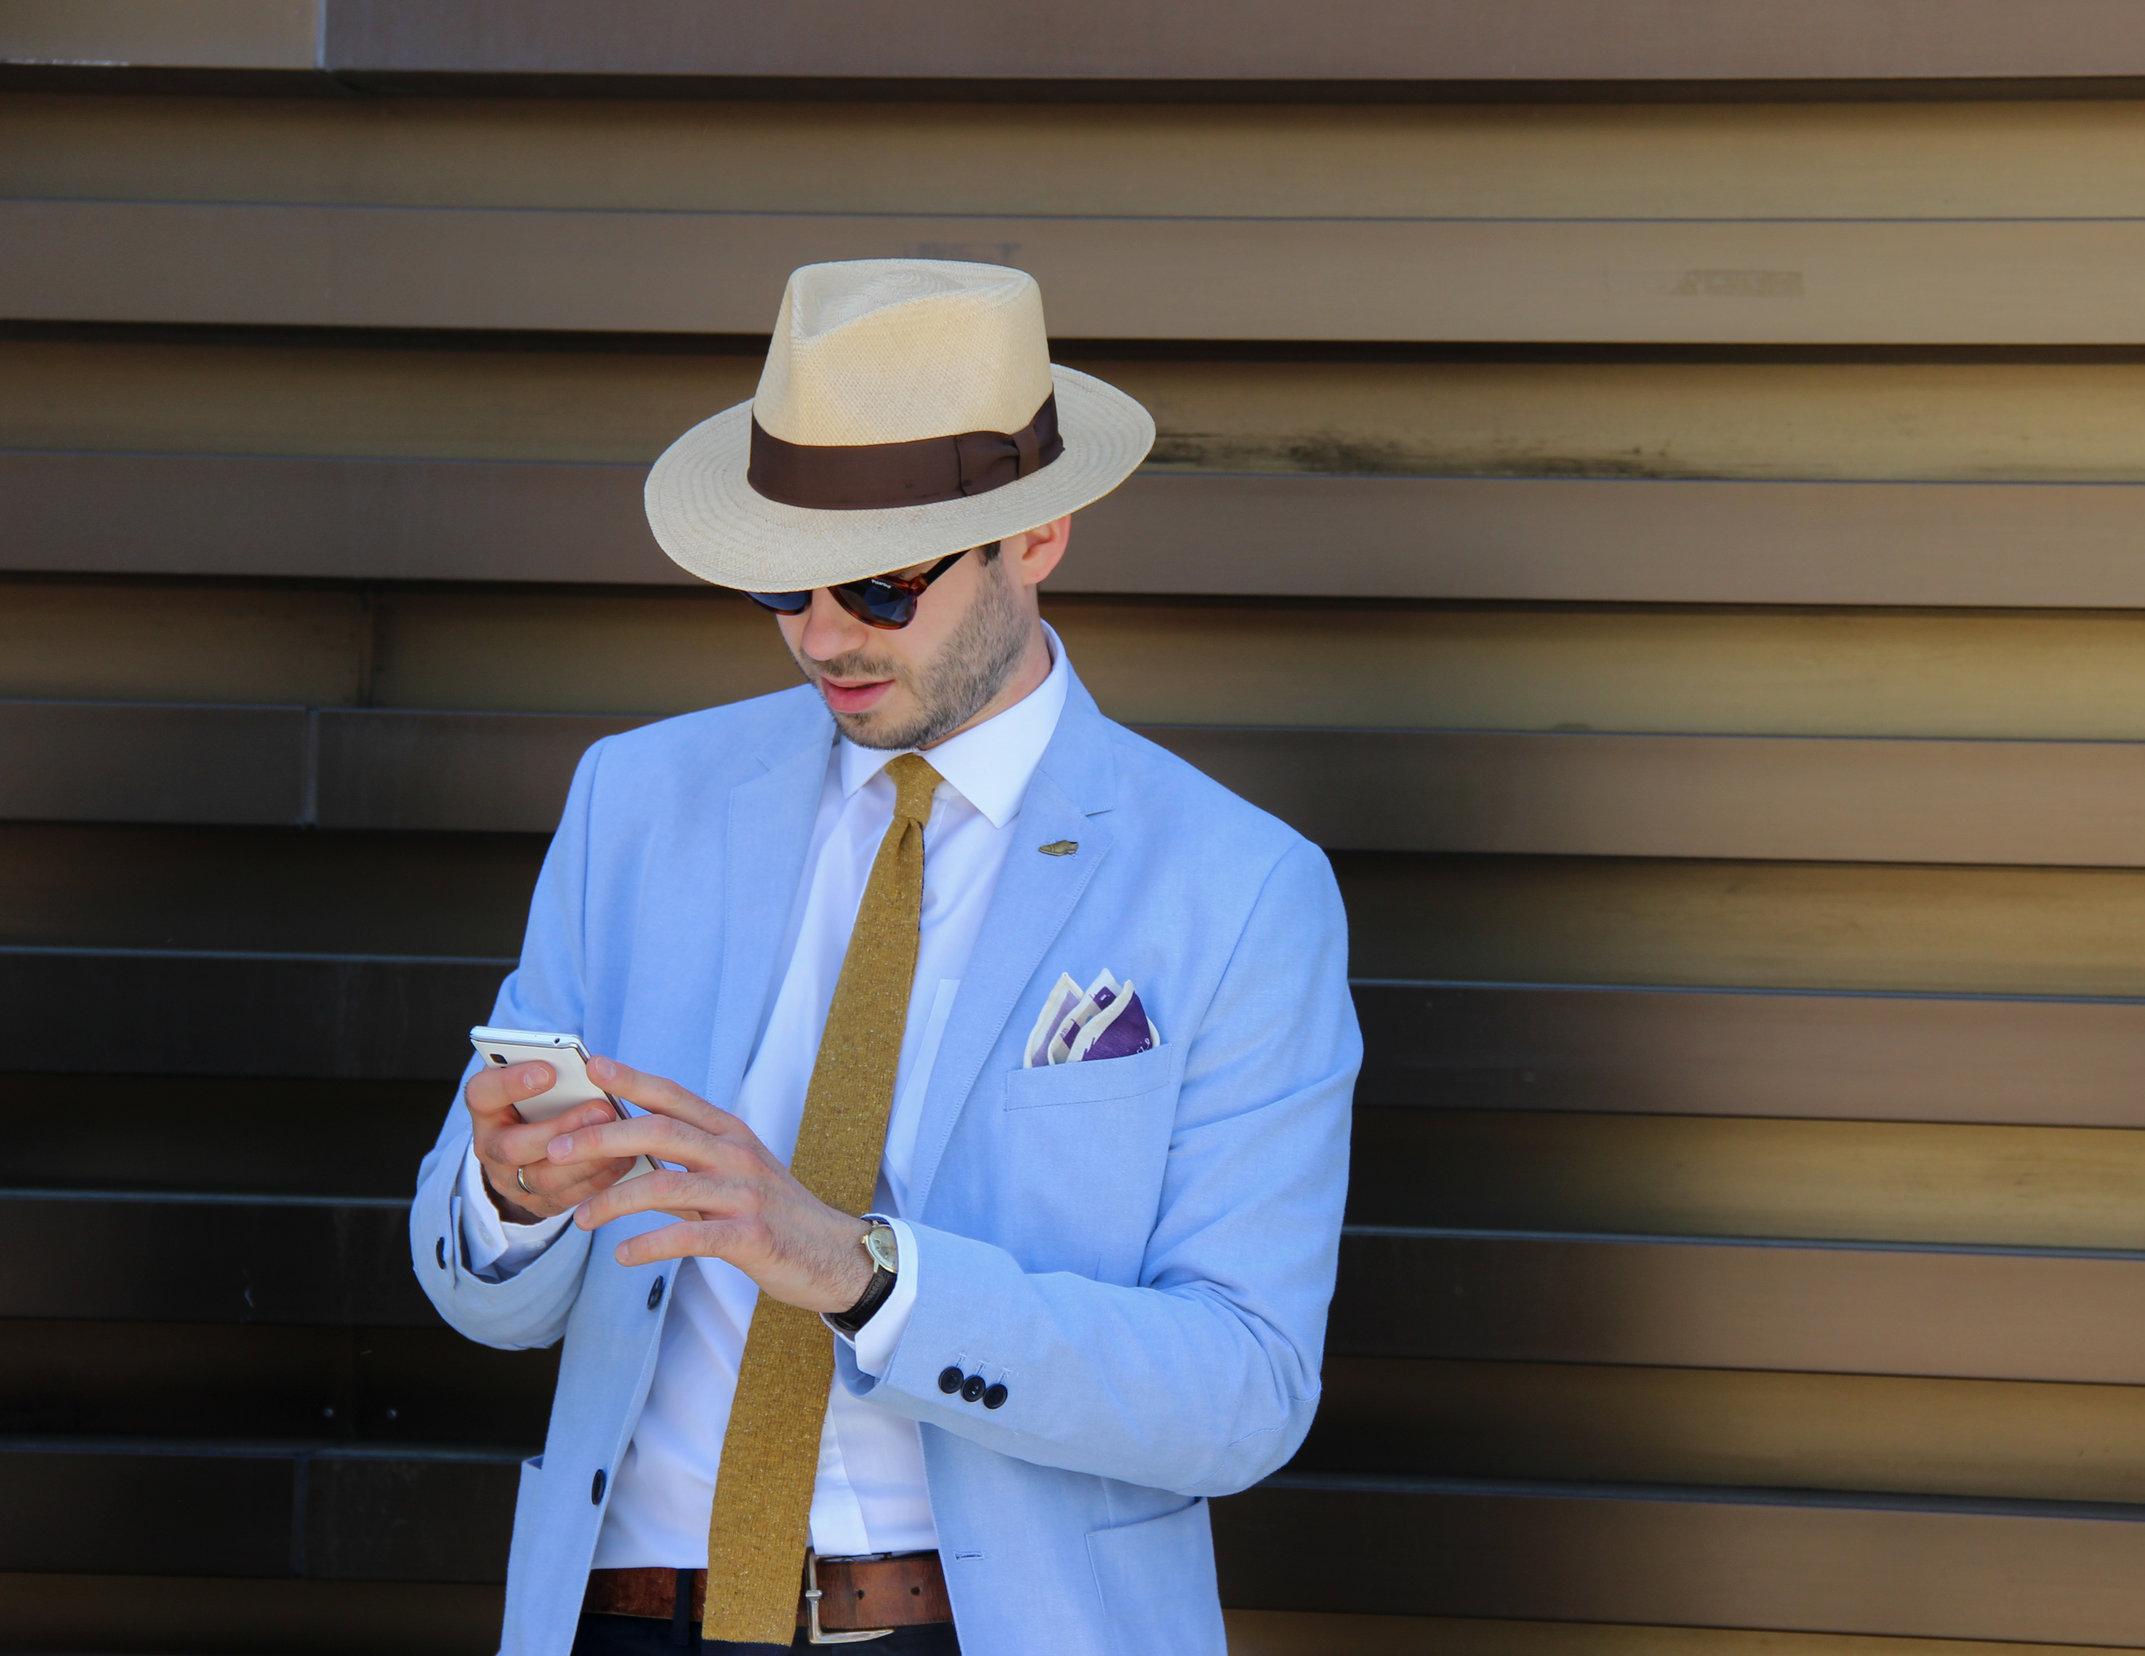 Pitti uomo 90 - Hats by LONG STORY SHORT